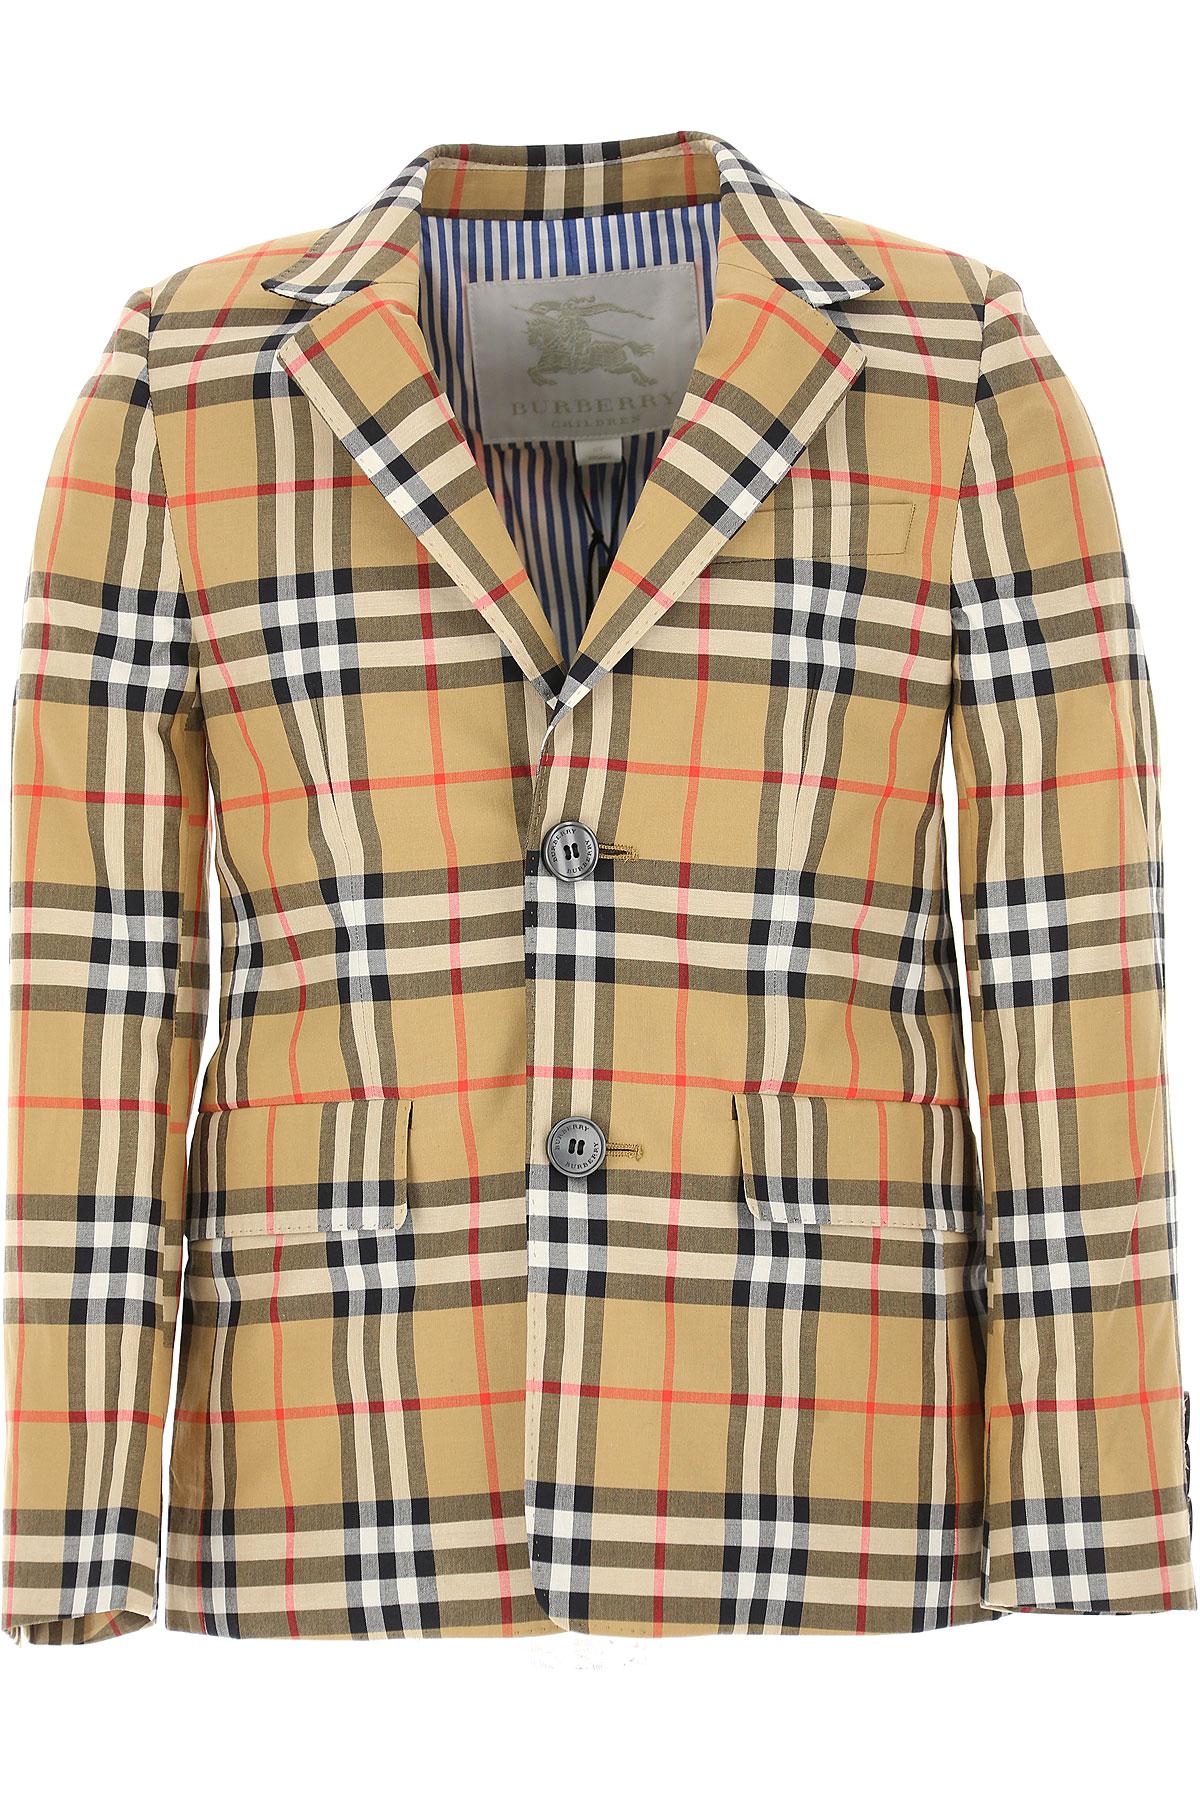 Image of Burberry Kids Blazer for Boys, Brown, Cotton, 2017, 10Y 14Y 4Y 6Y 8Y